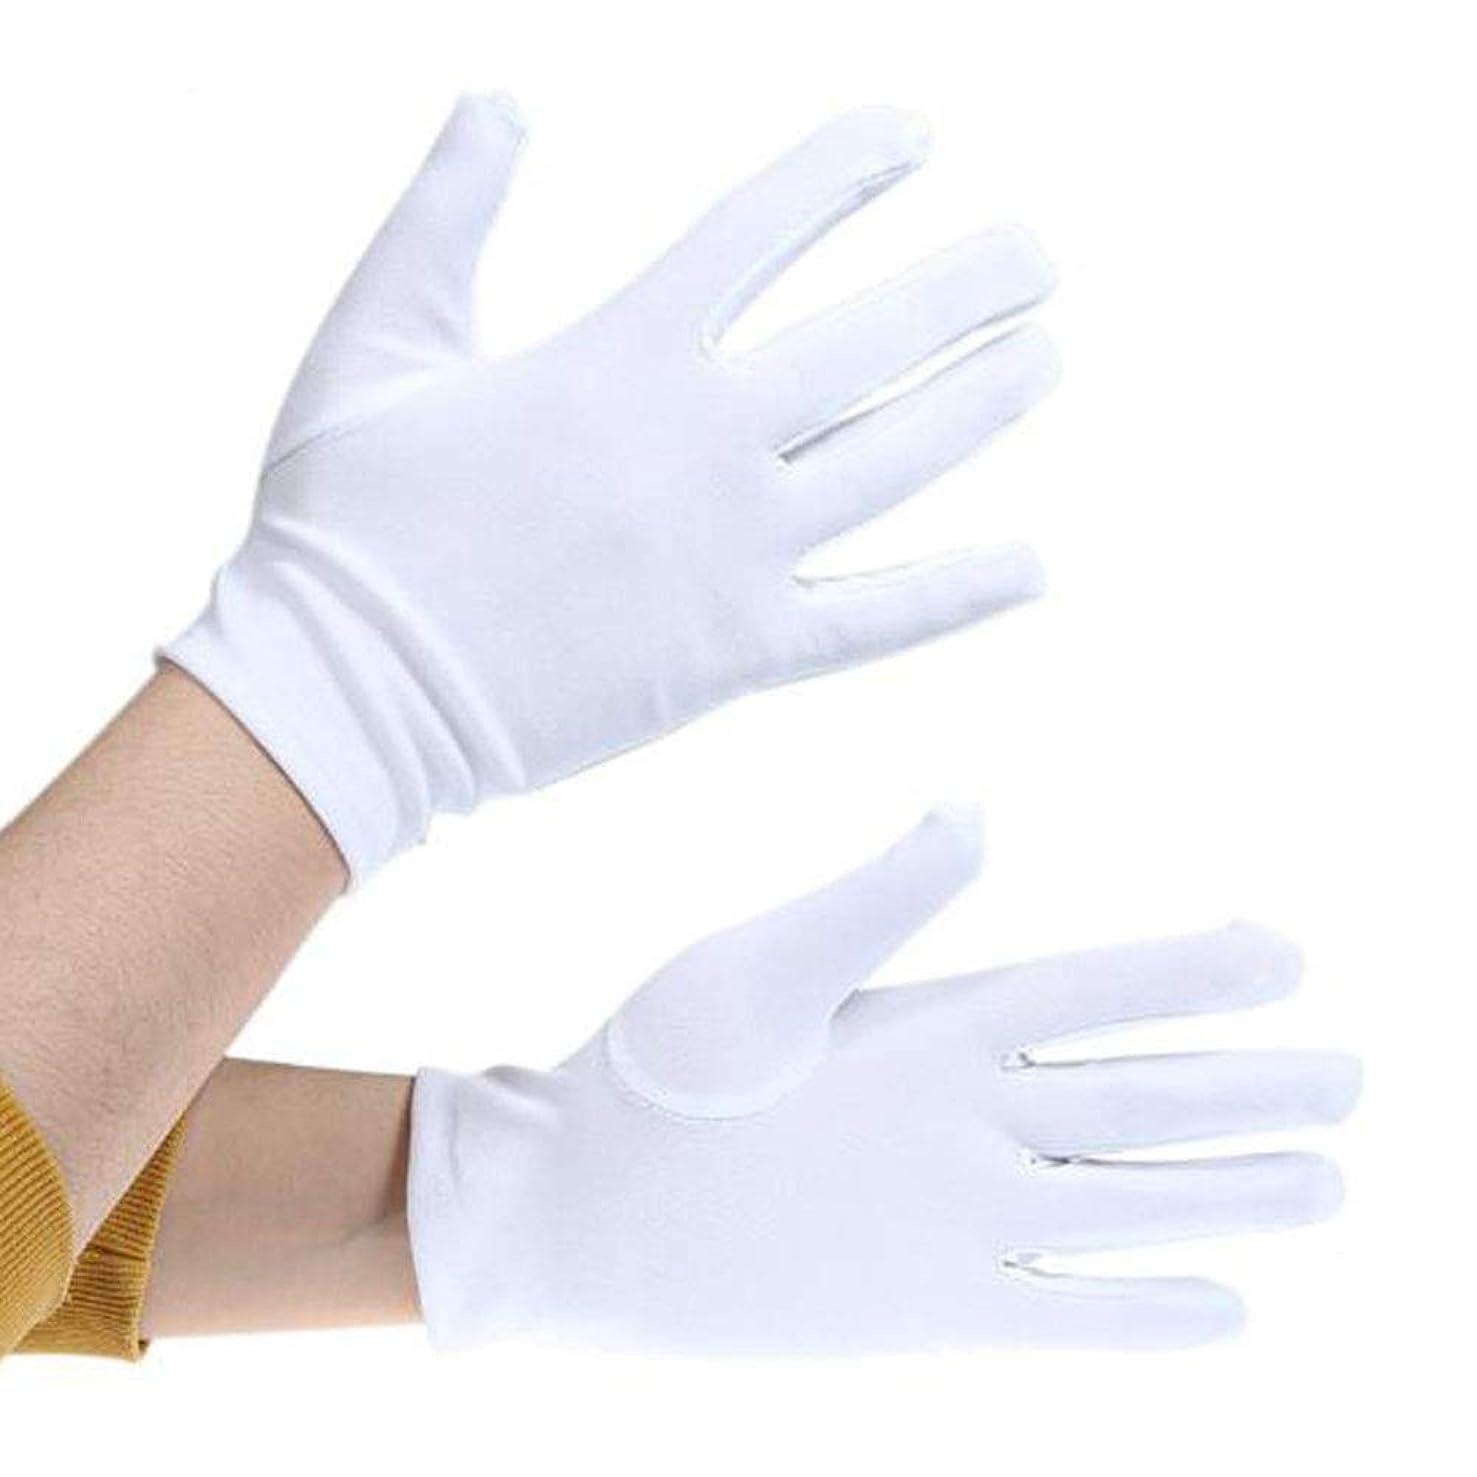 クール盲目お風呂白手袋薄 礼装用 ジュエリーグローブ時計 貴金属 宝石 接客用 品質管理用 作業用手ぶくろ,保護着用者